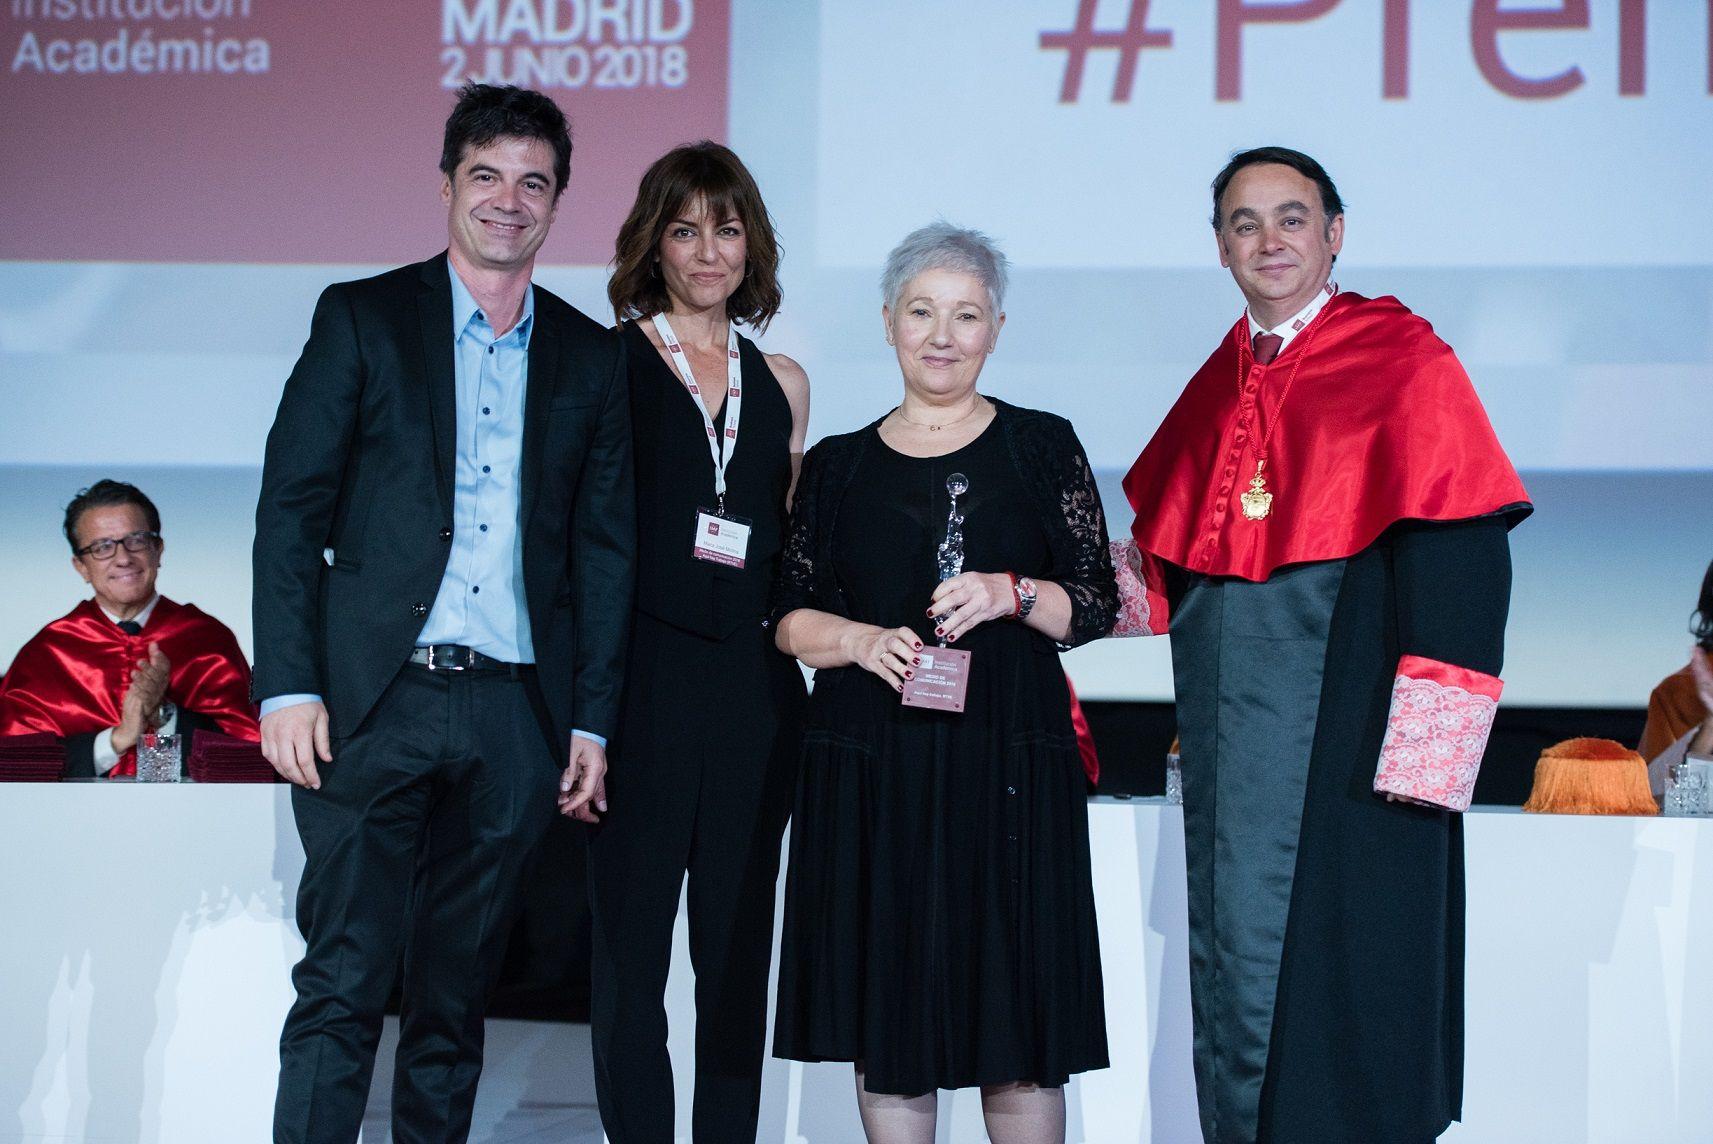 Foto de Ignacio Echeverría, Deloitte, Ágatha Ruiz de la Prada y